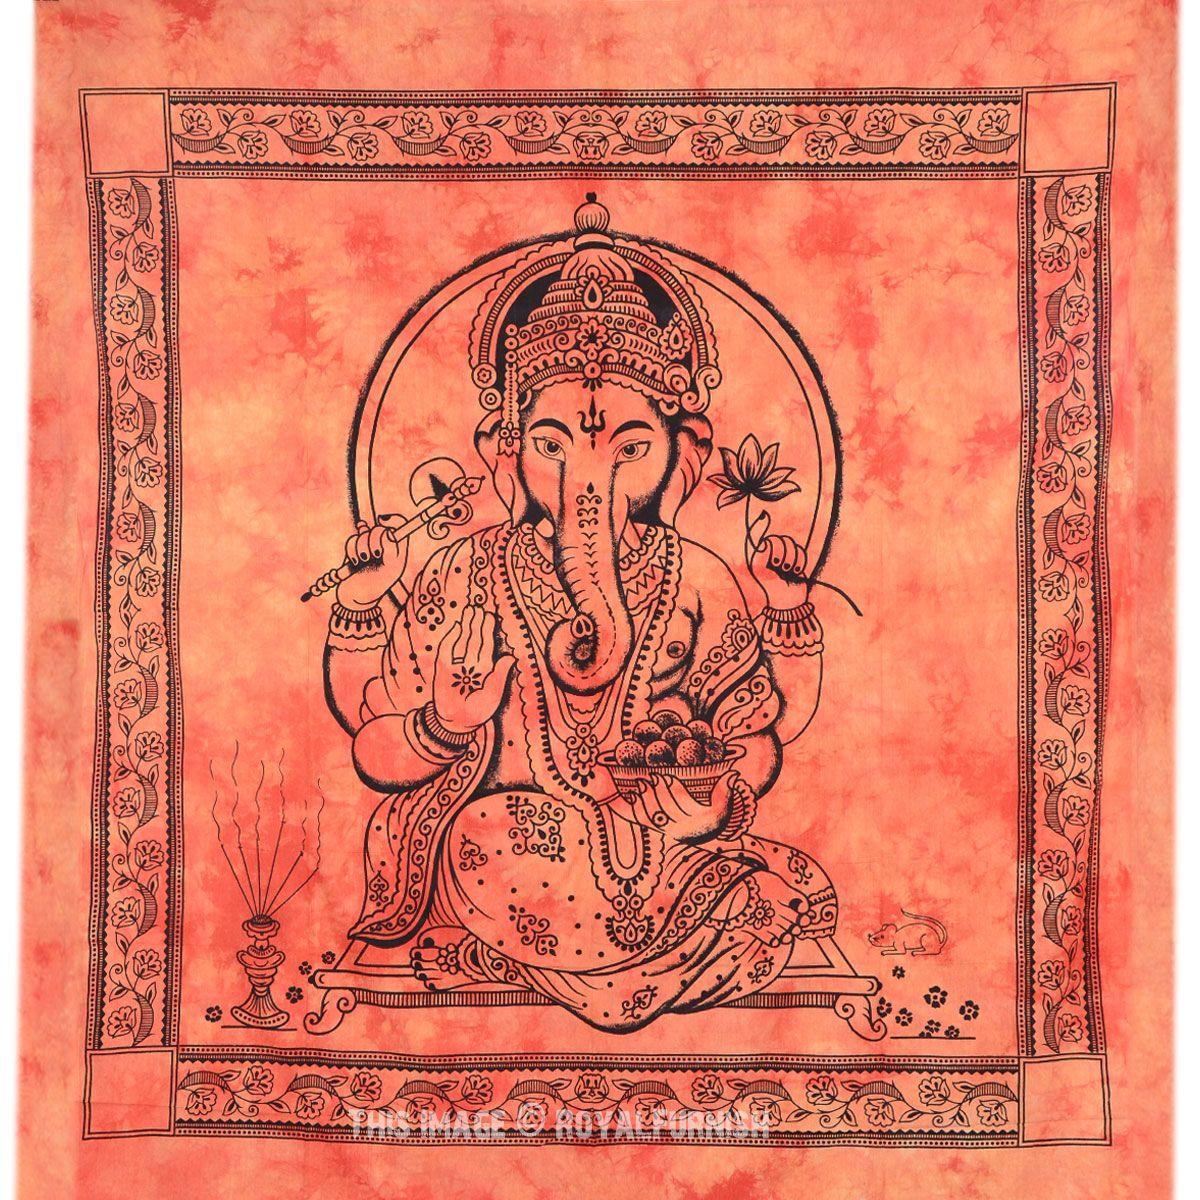 Large Orange Tie Dye Lord Ganesha Tapestry Wall Hanging Tapestry Wall Hanging Wall Tapestry Cool Tapestries